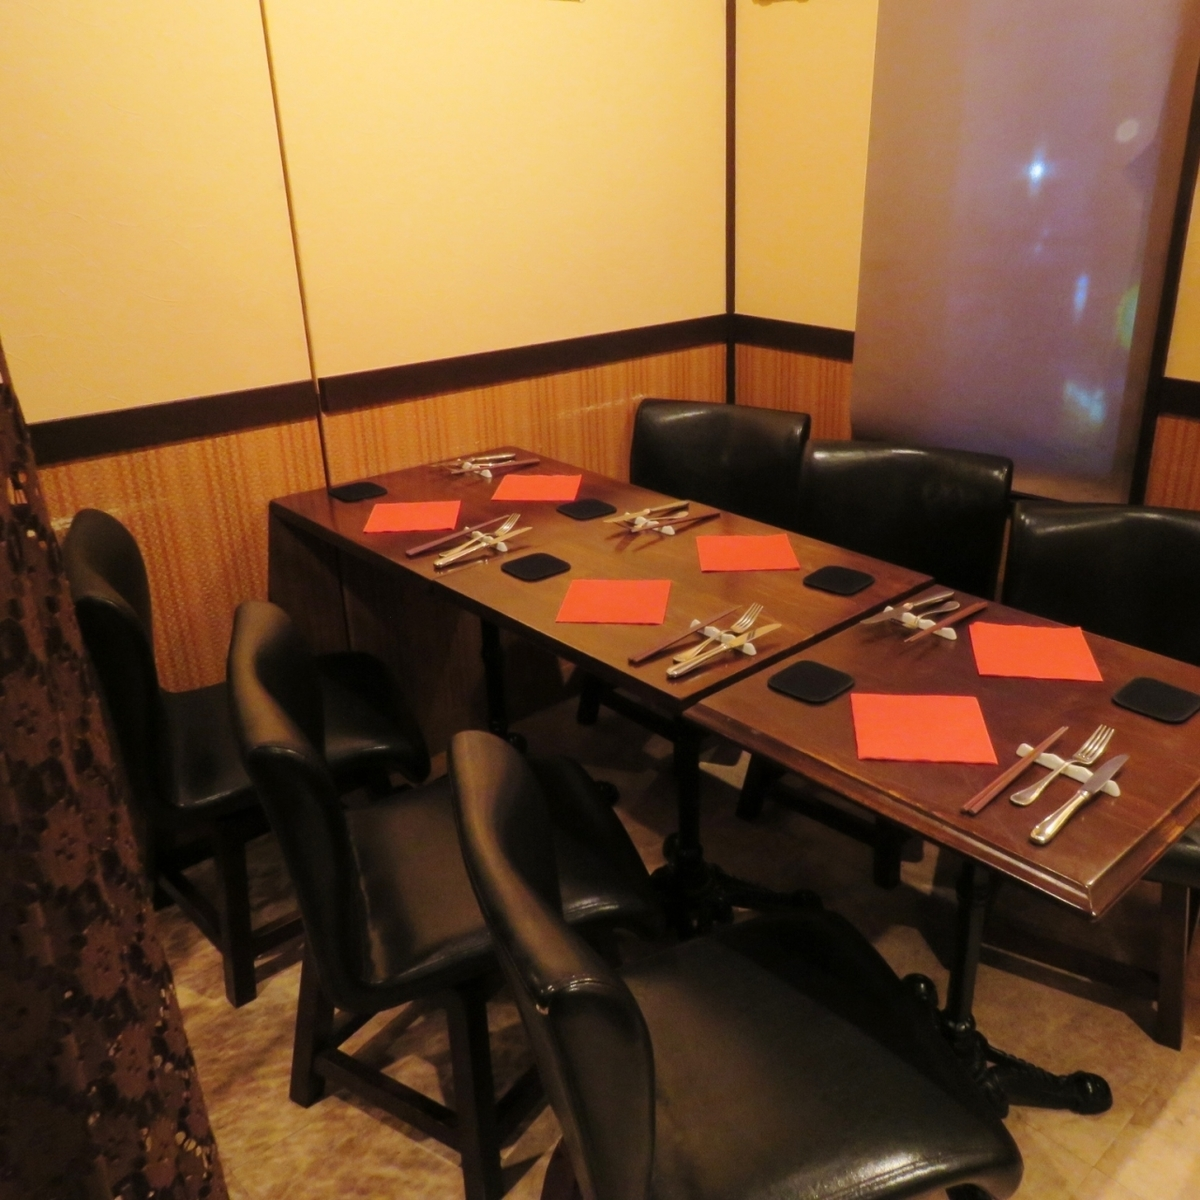 桌子是可移动的。我们将根据人数设置。如果您使用窗帘隔开,它将进入私人房间风格。